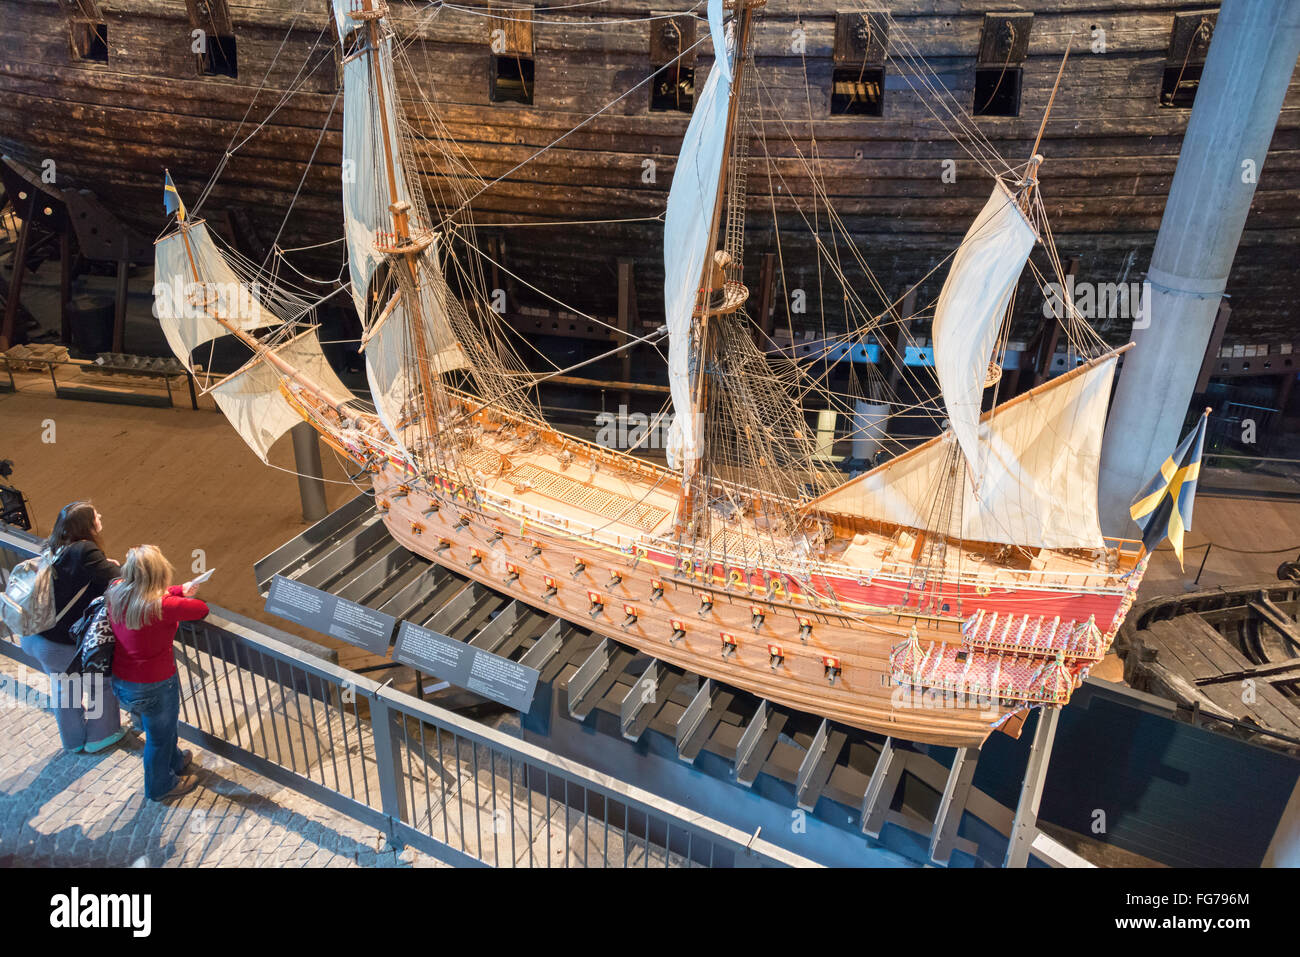 Scale model of 17th-century 'Vasa' warship, Vasa Museum, Galärvarvsvägen, Djurgården, Stockholm, - Stock Image